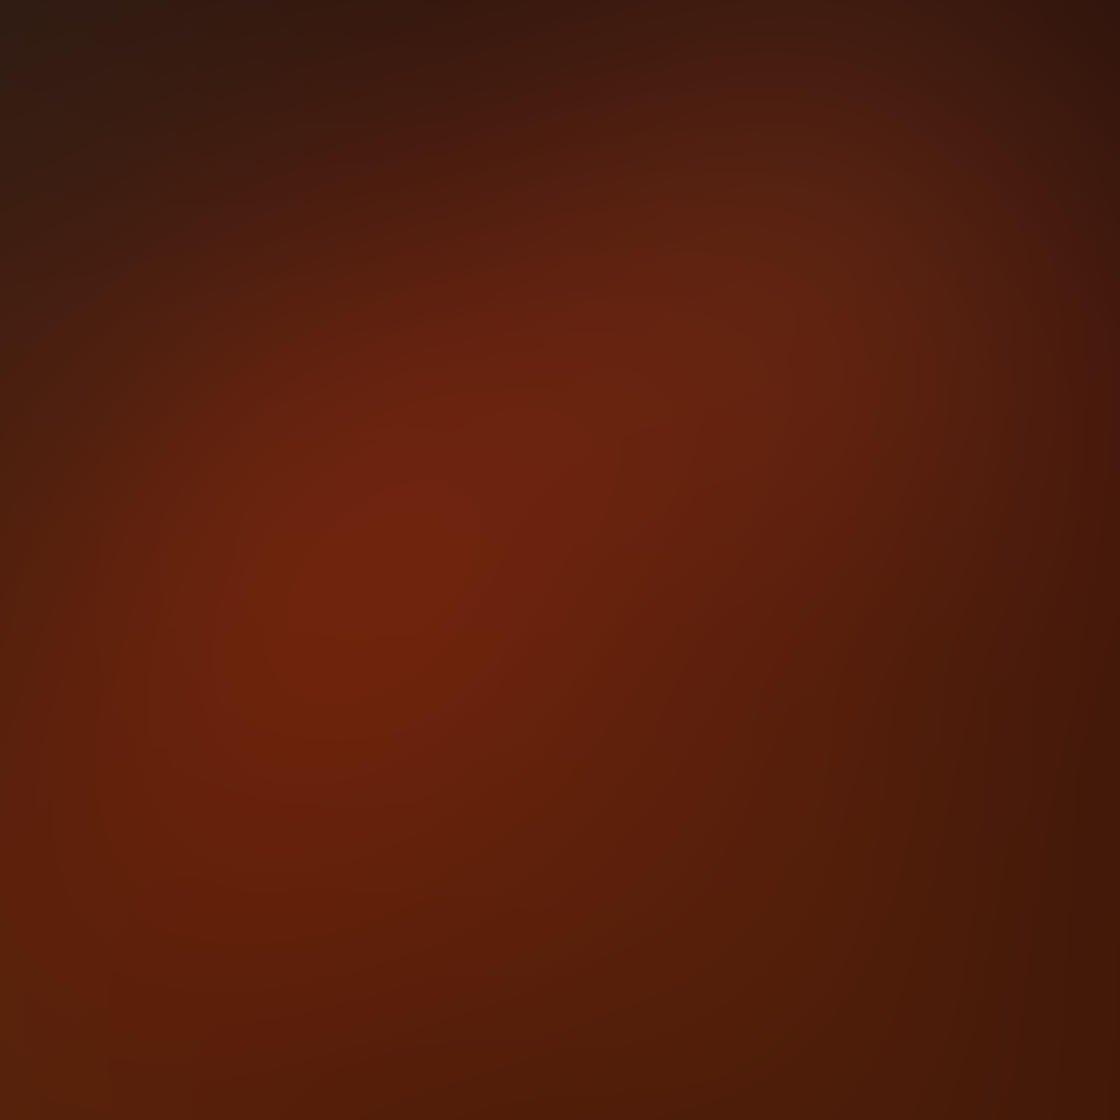 Color Temperature iPhone Photos 7